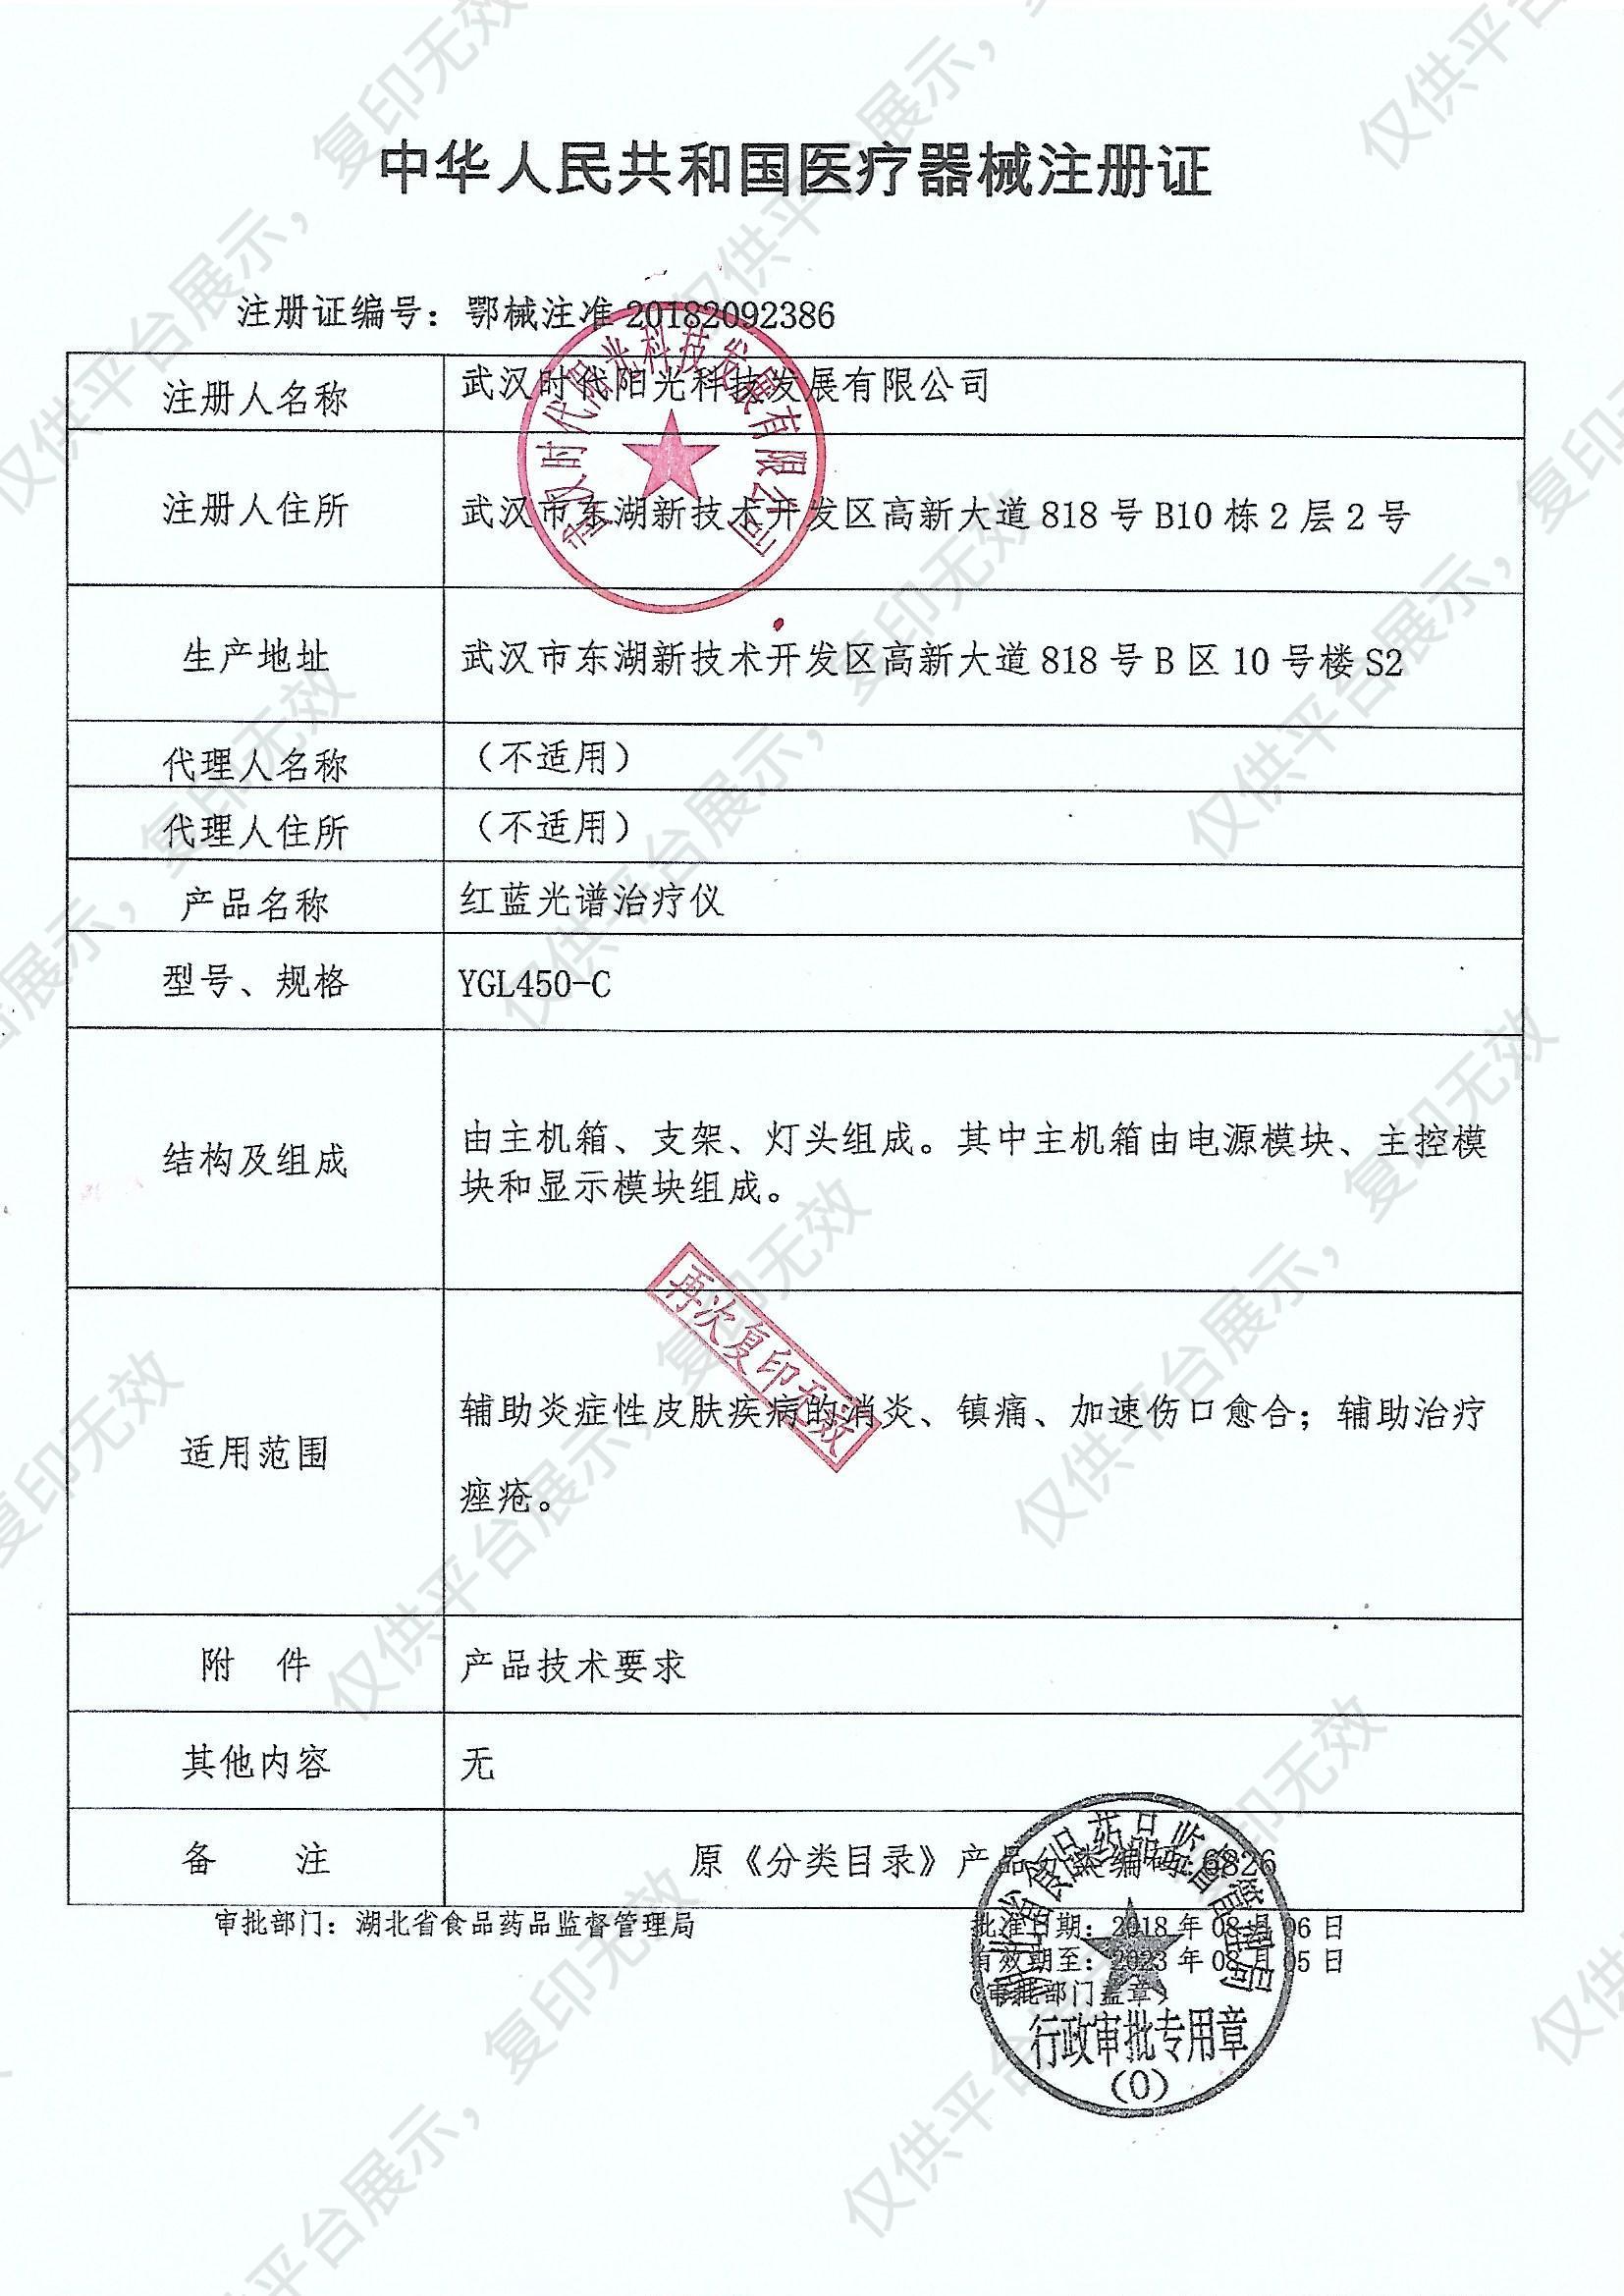 时代阳光 红蓝光谱治疗仪 YGL450-C(聚能型)注册证